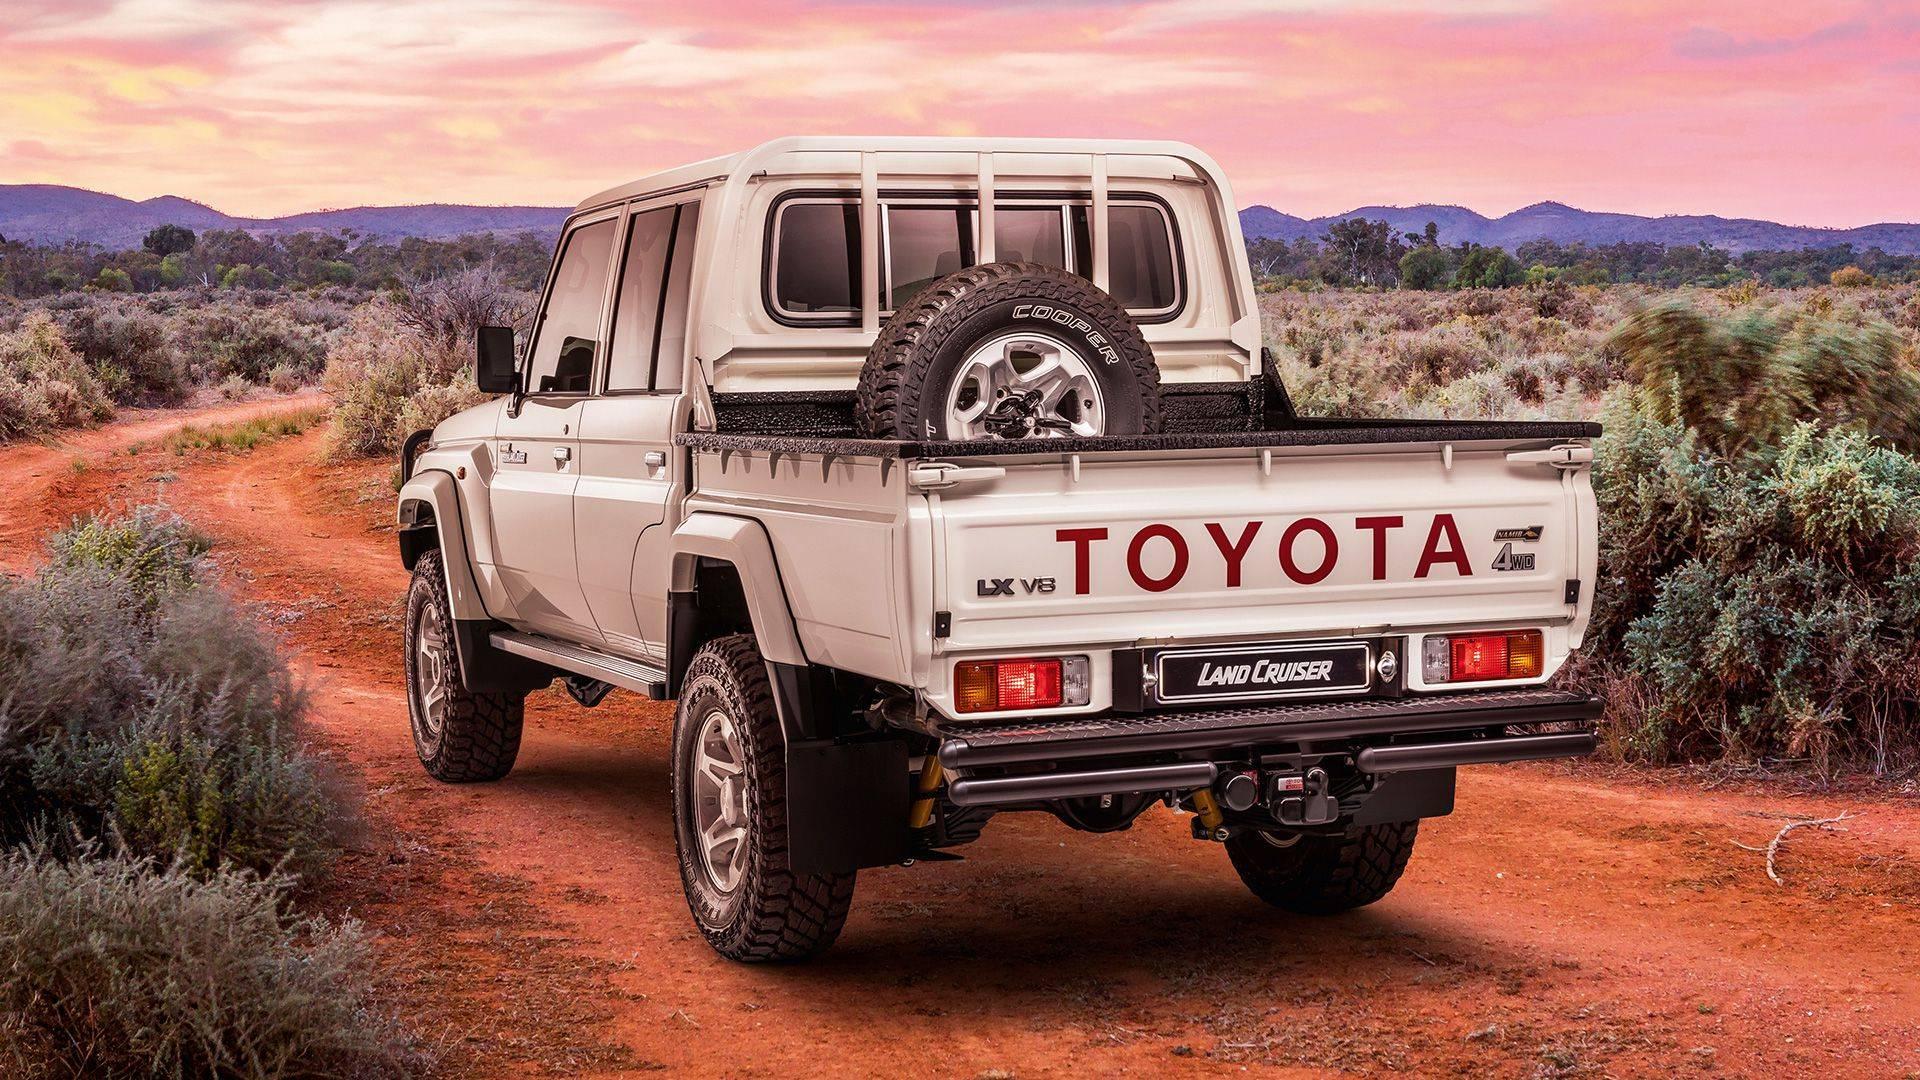 Toyota-Land-Cruiser-Namib-2